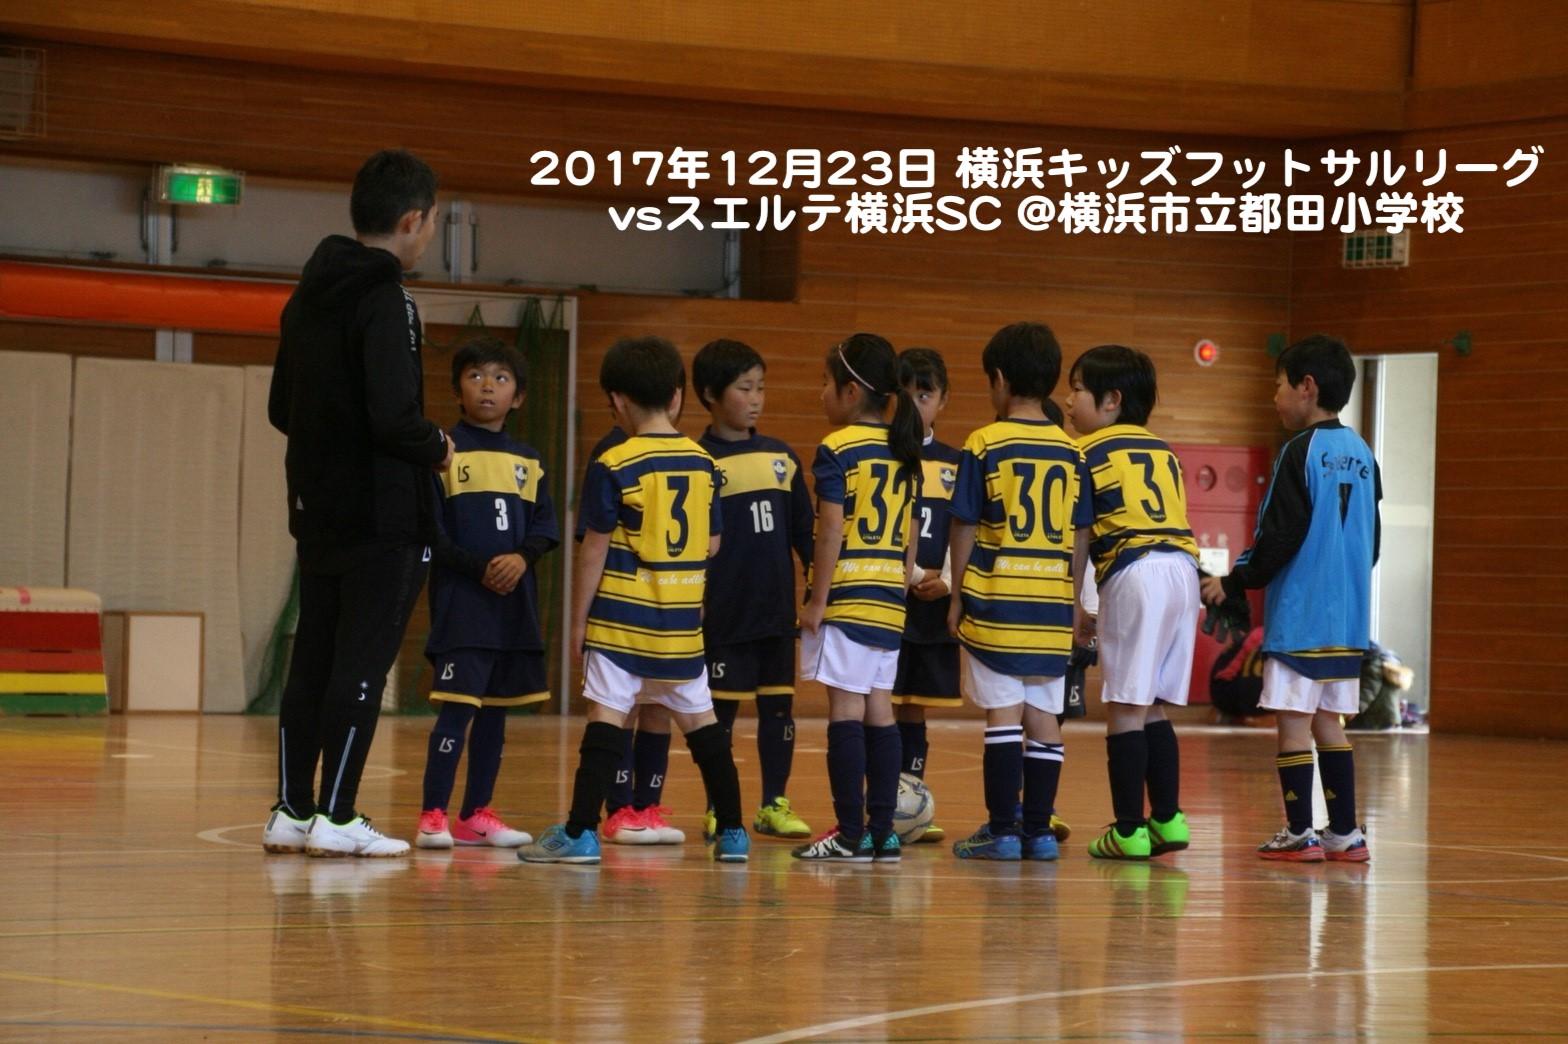 171223 横浜キッズリーグU8